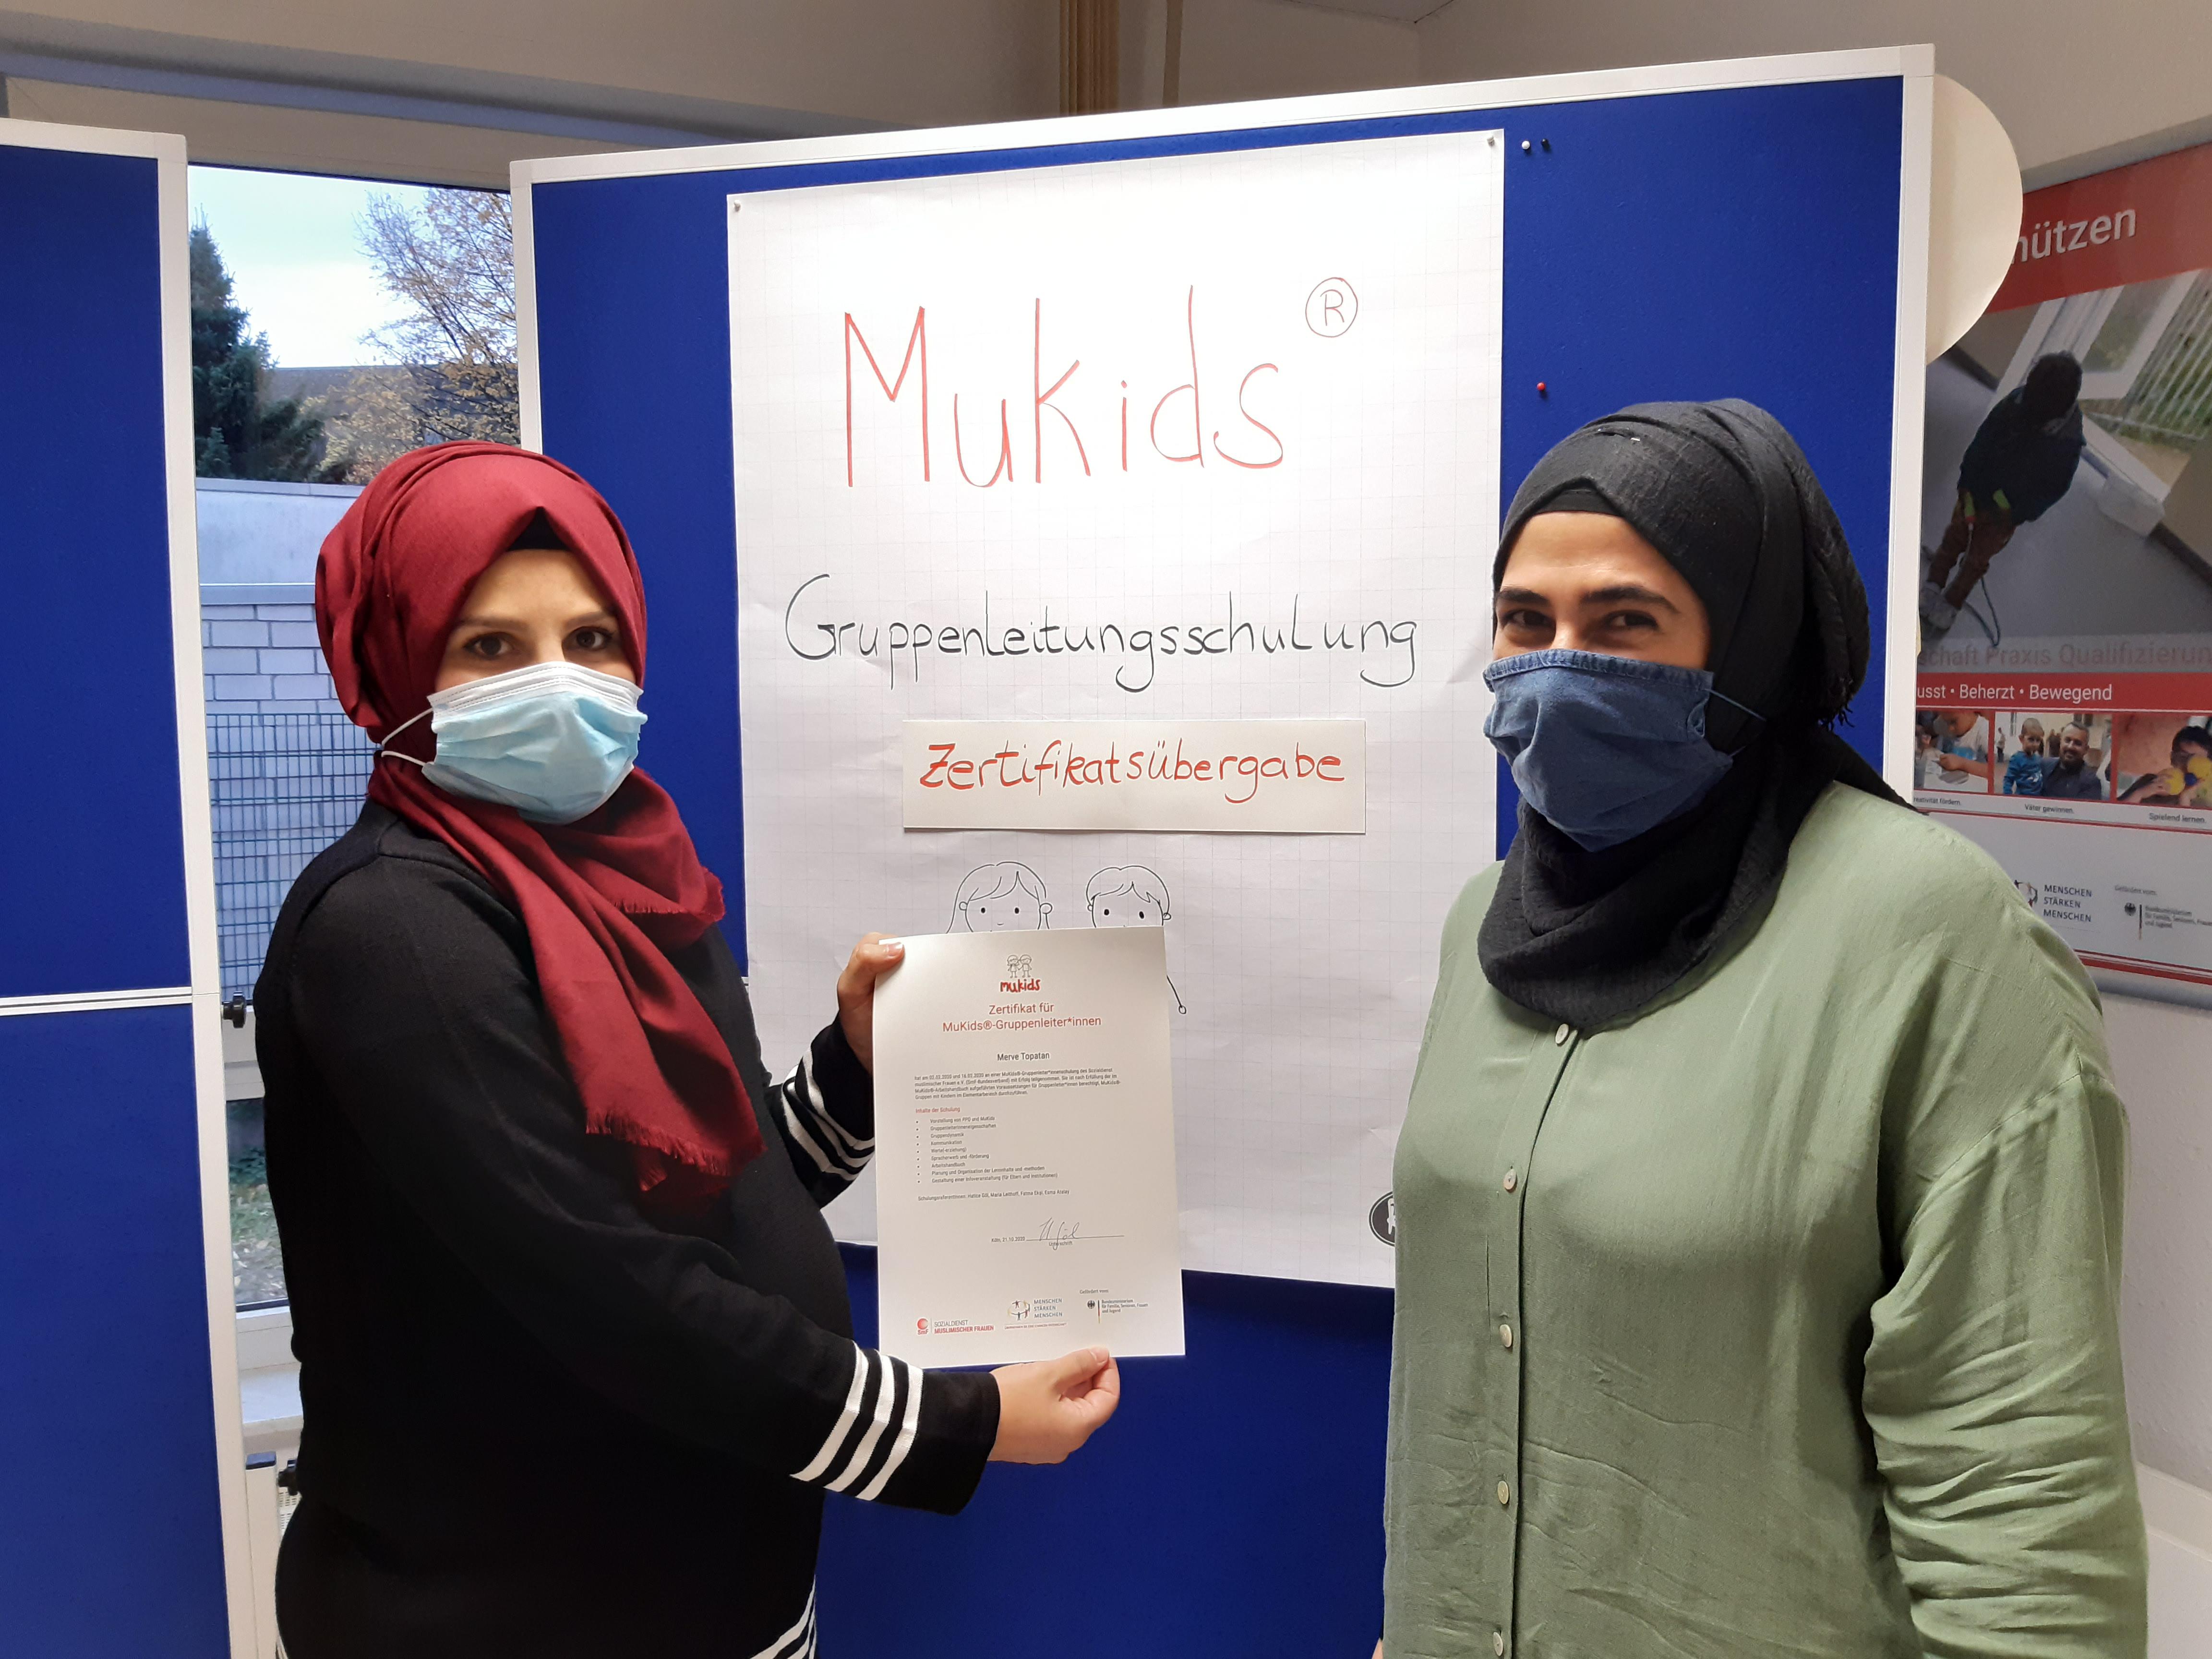 SmF Köln zertifiziert MuKids-Gruppenleiterinnen